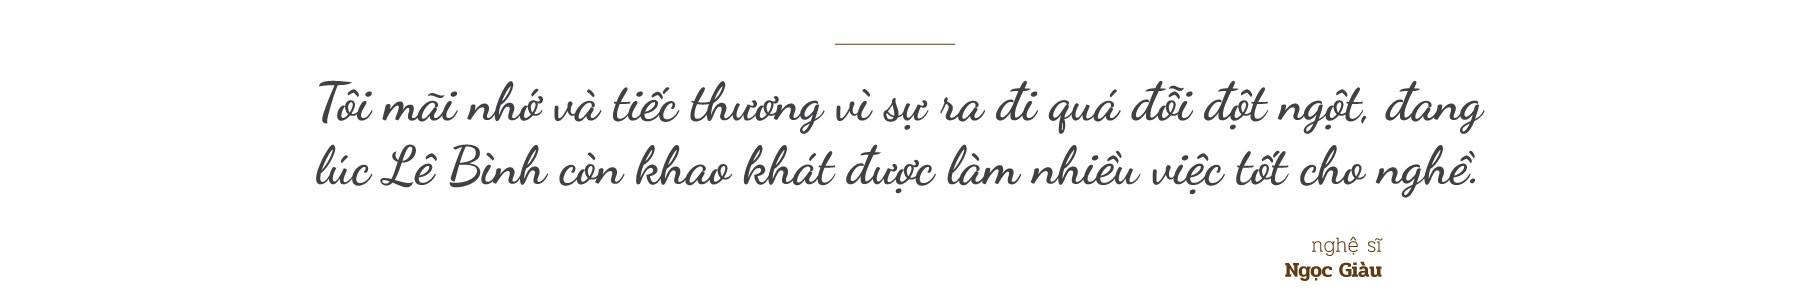 [eMagazine] Đồng nghiệp xót xa nói lời vĩnh biệt nghệ sĩ Lê Bình - Ảnh 5.